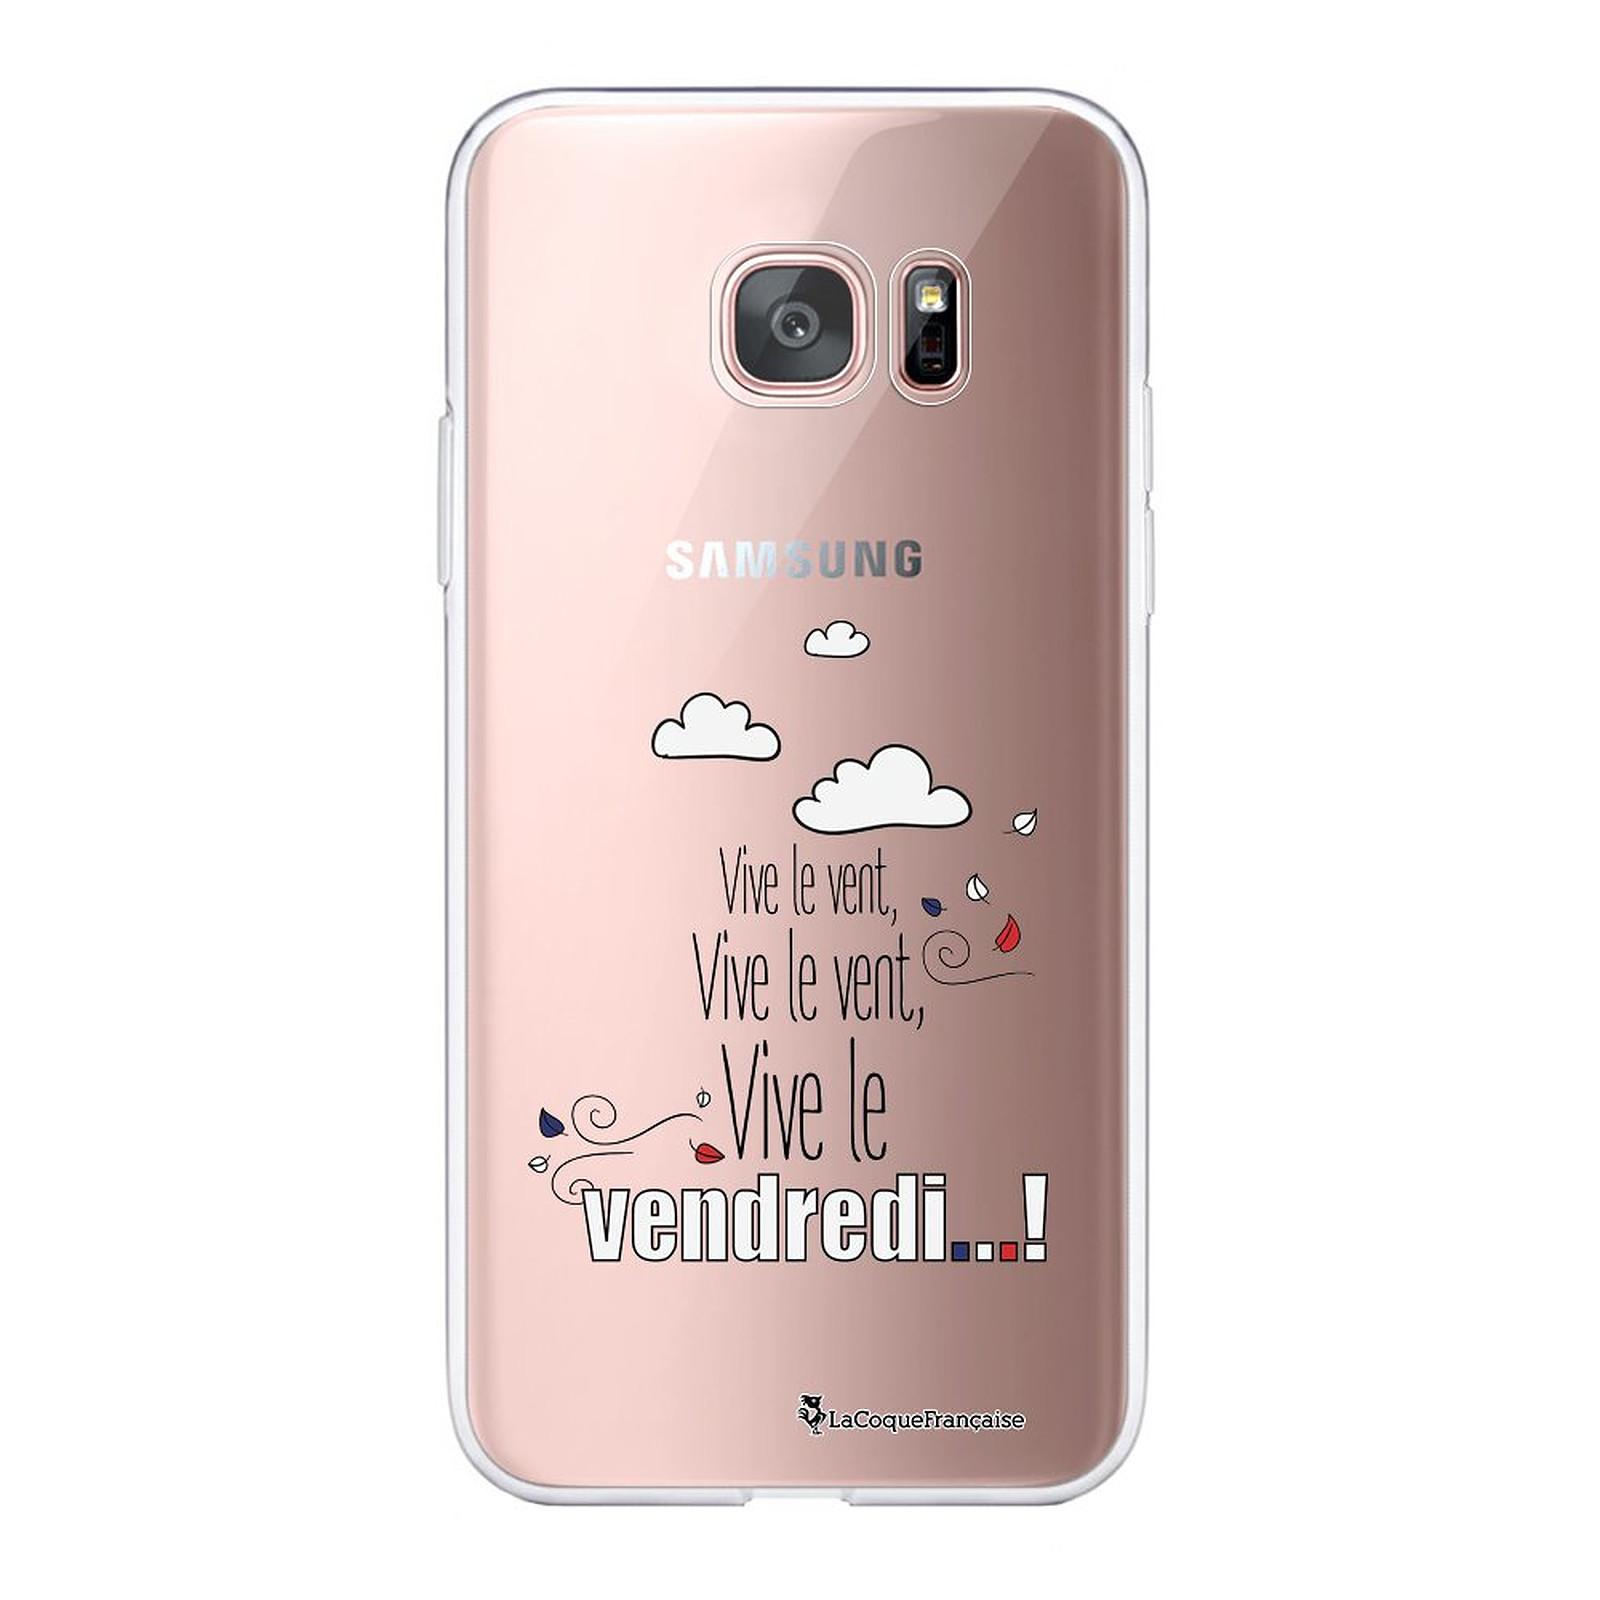 LA COQUE FRANCAISE Coque Samsung Galaxy S7 Edge 360 intégrale transparente Vive le vendredi Tendance - Coque téléphone LaCoqueFrançaise sur LDLC